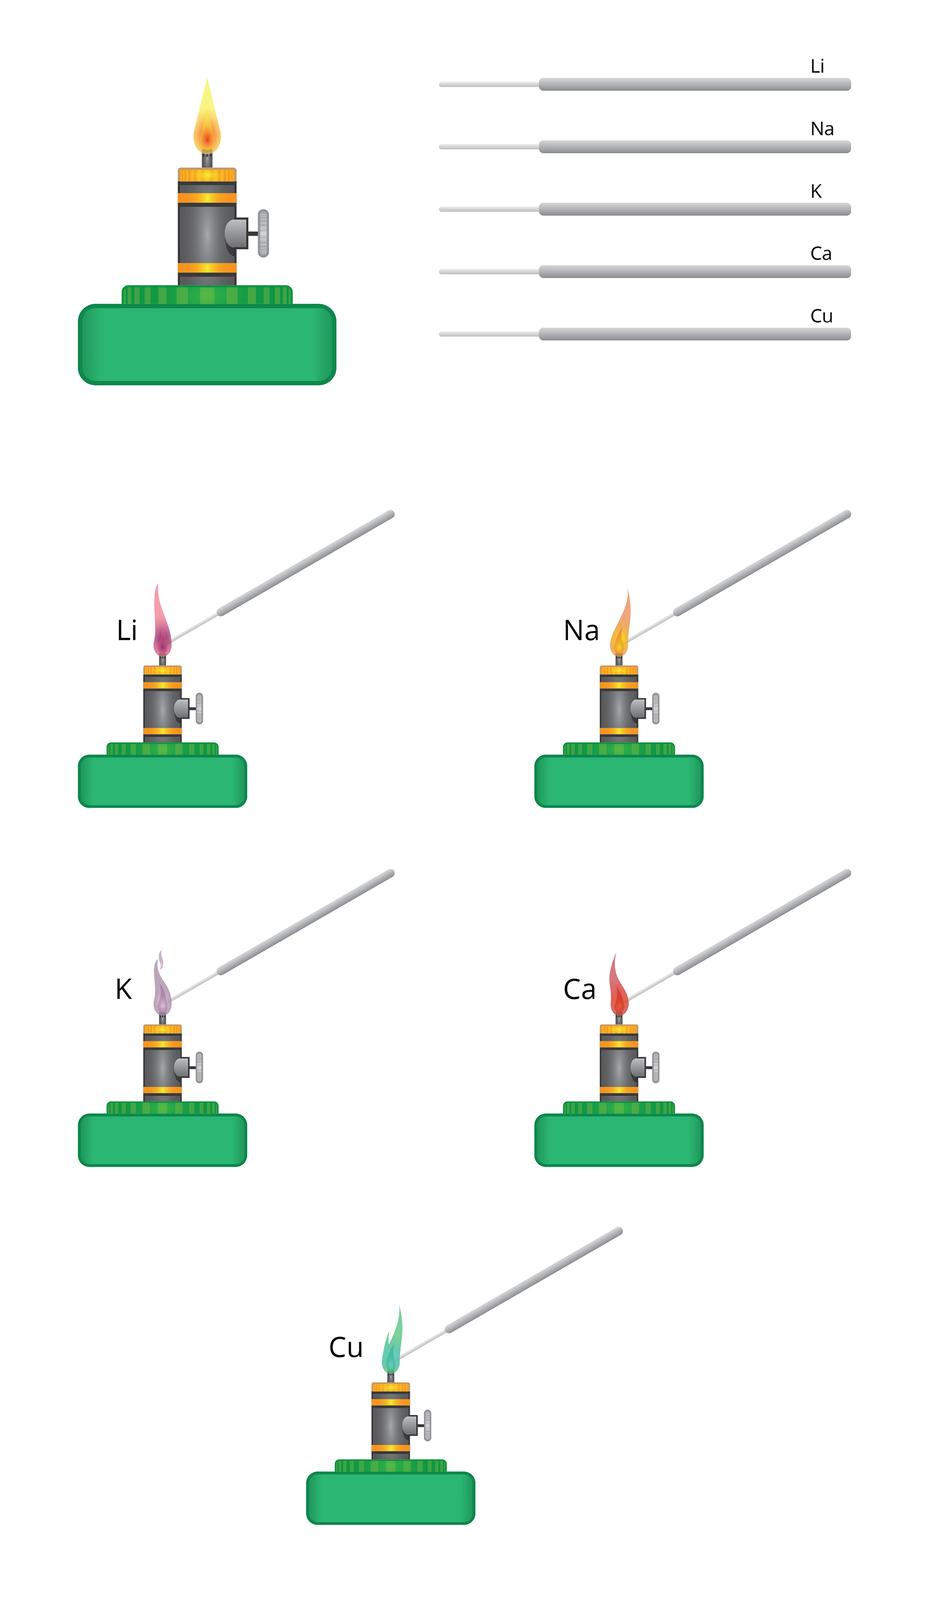 Aplikacja służy do symulowania efektu, jaki niektóre metale wywołują na płomień. Zlewej strony okna znajduje się rysunek zapalonego palnika spirytusowego, zprawej natomiast patyczki zcienkimi końcami opisane symbolami metali: Li, Na, K, Ca iCu. Przeciągnięcie patyczka wobszar płomienia powoduje na rysunku zmianę jego koloru na taki, jaki przybrałby ogień podczas prawdziwej próby płomieniowej: Lit zabarwia na wiśniowo, sód na żółto-pomarańczowo, potas na różowo-fioletowo, wapń na czerwono, amiedź na zielono.